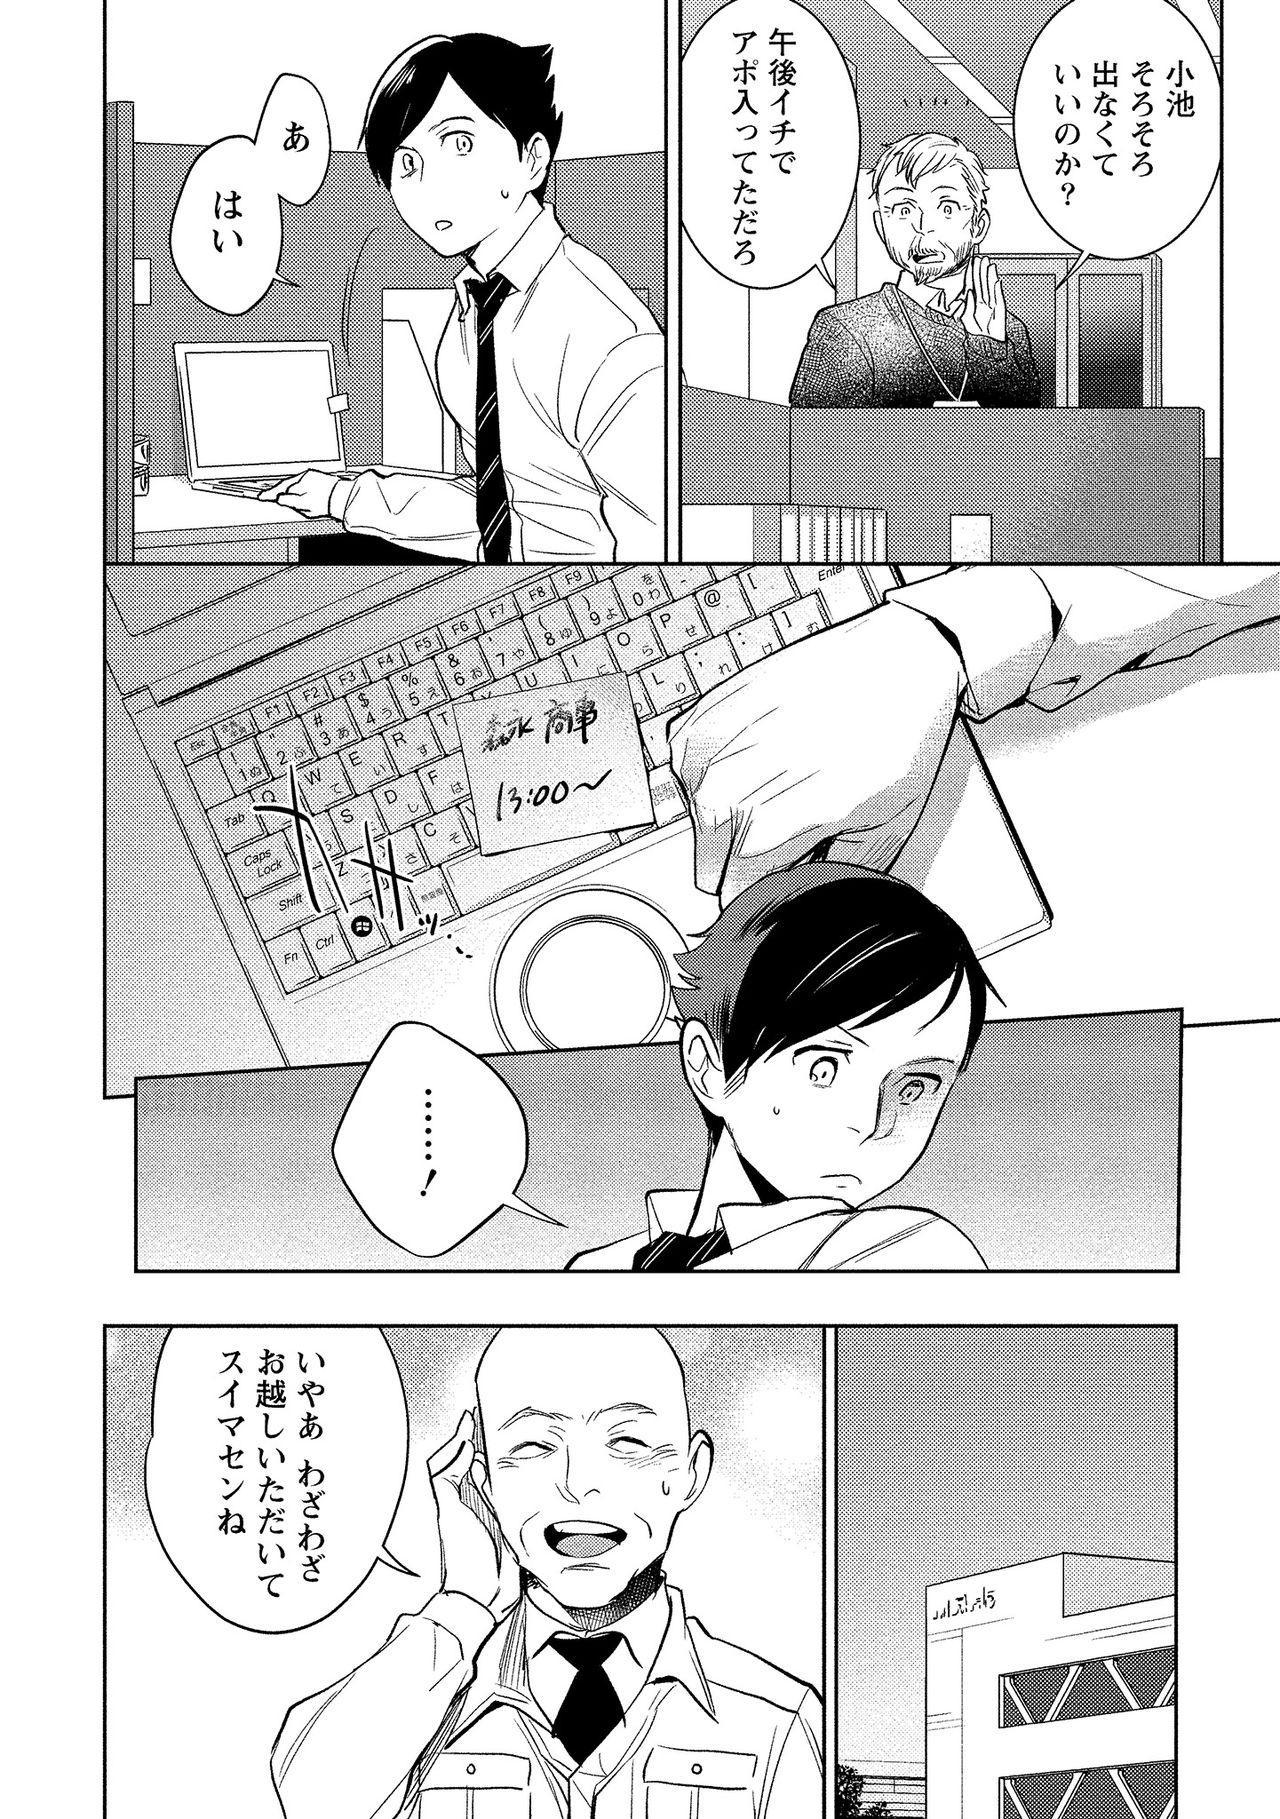 Dorobou Neko wa Kanojo no Hajimari 154